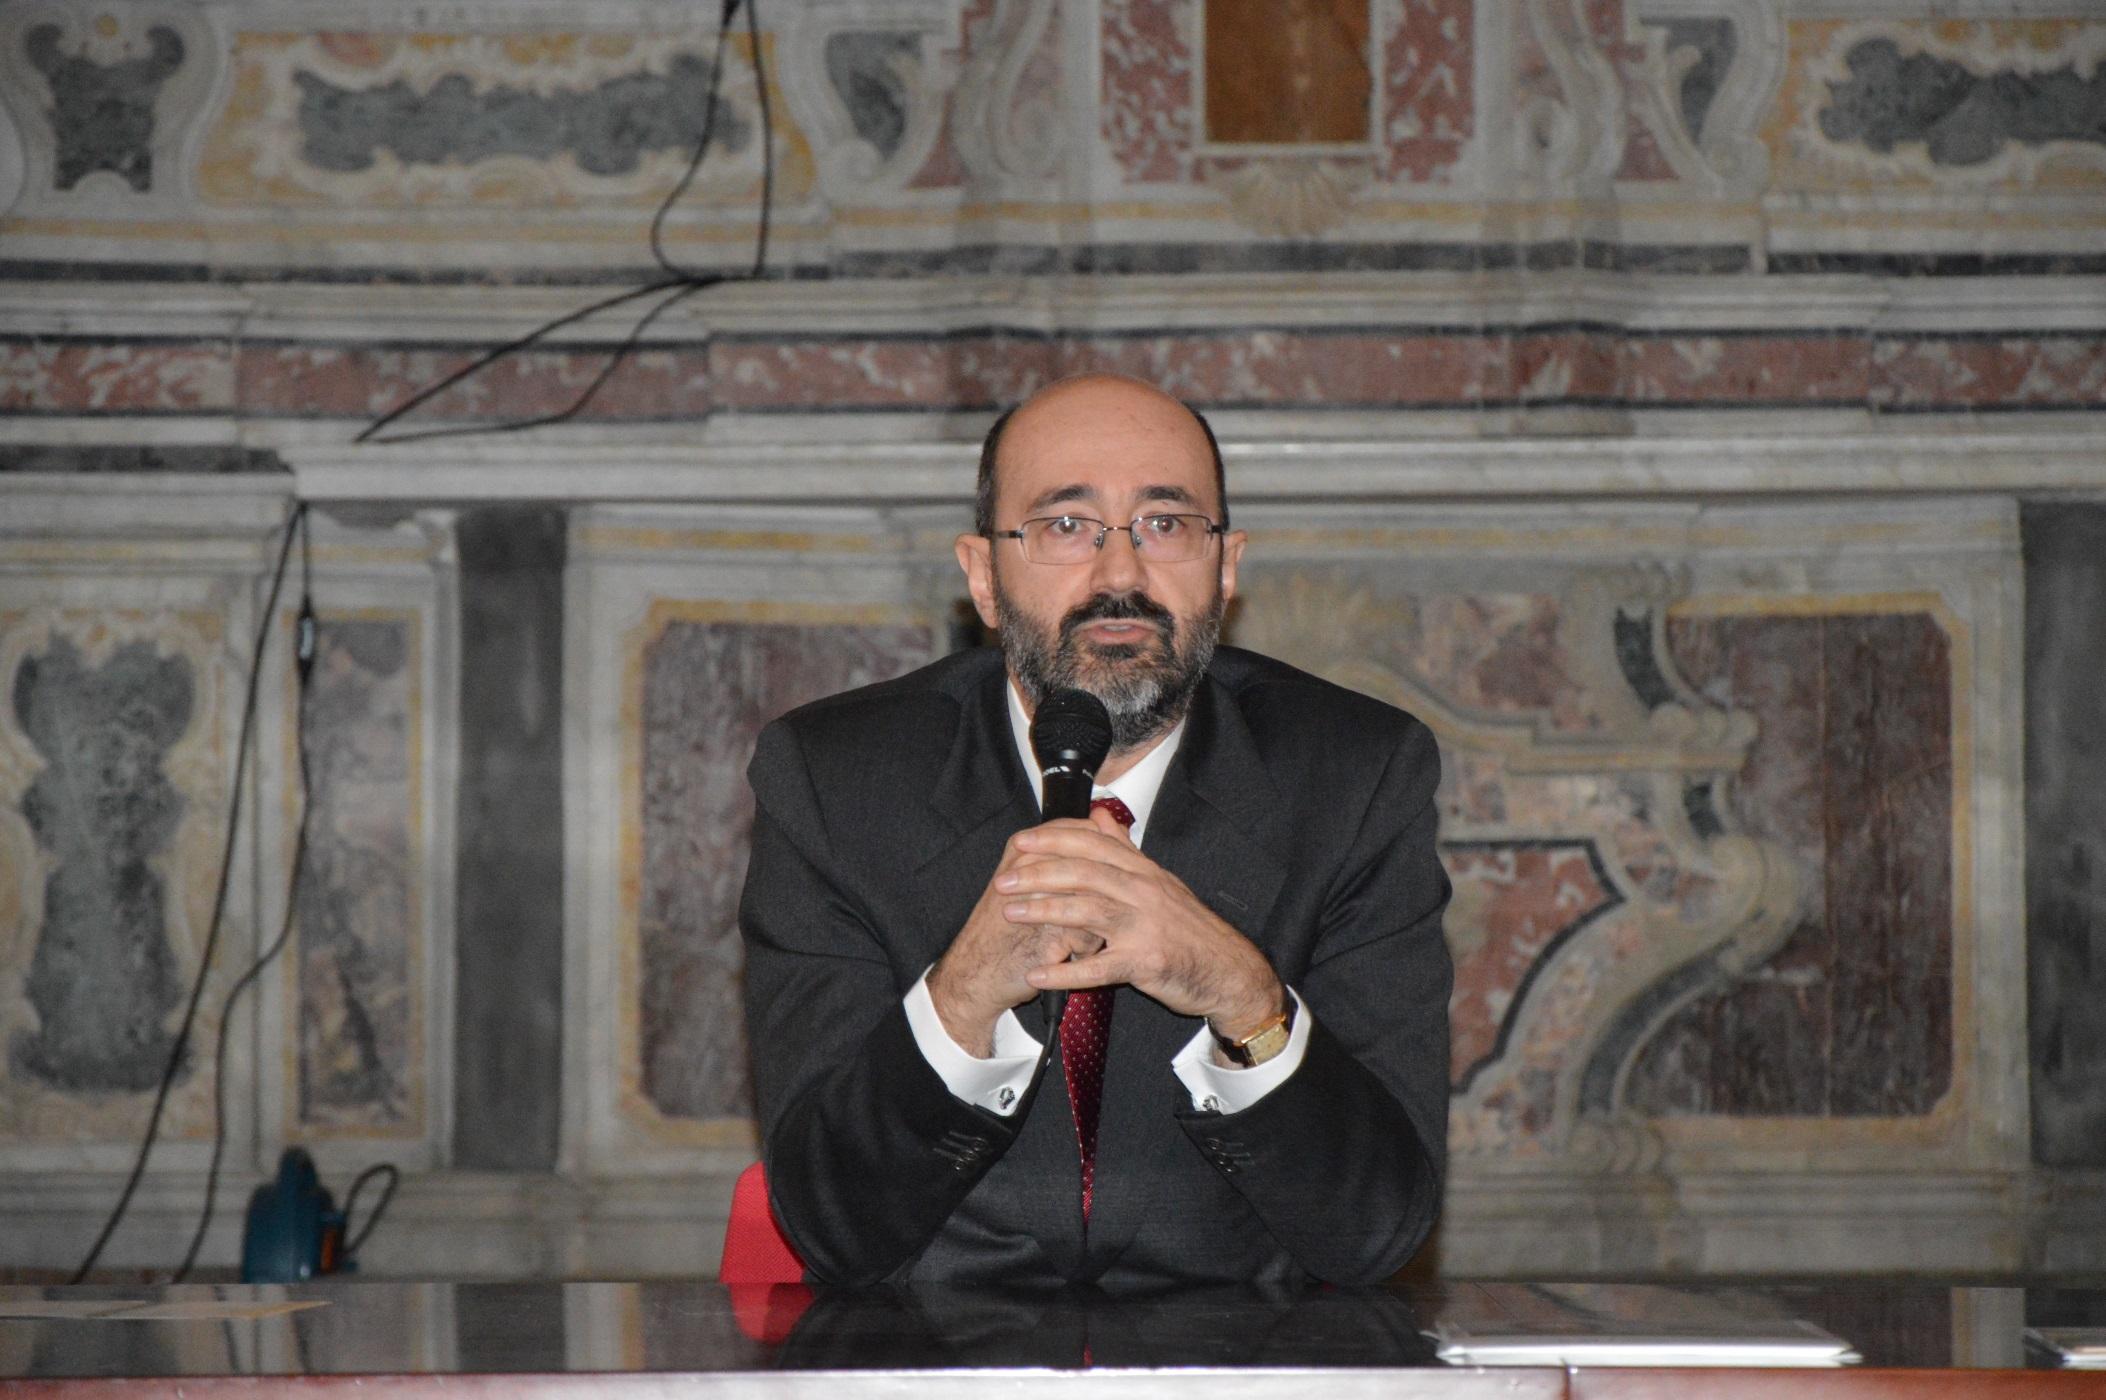 Grande successo per Giuseppe Nifosì che inaugura il Festival delle Relazioni